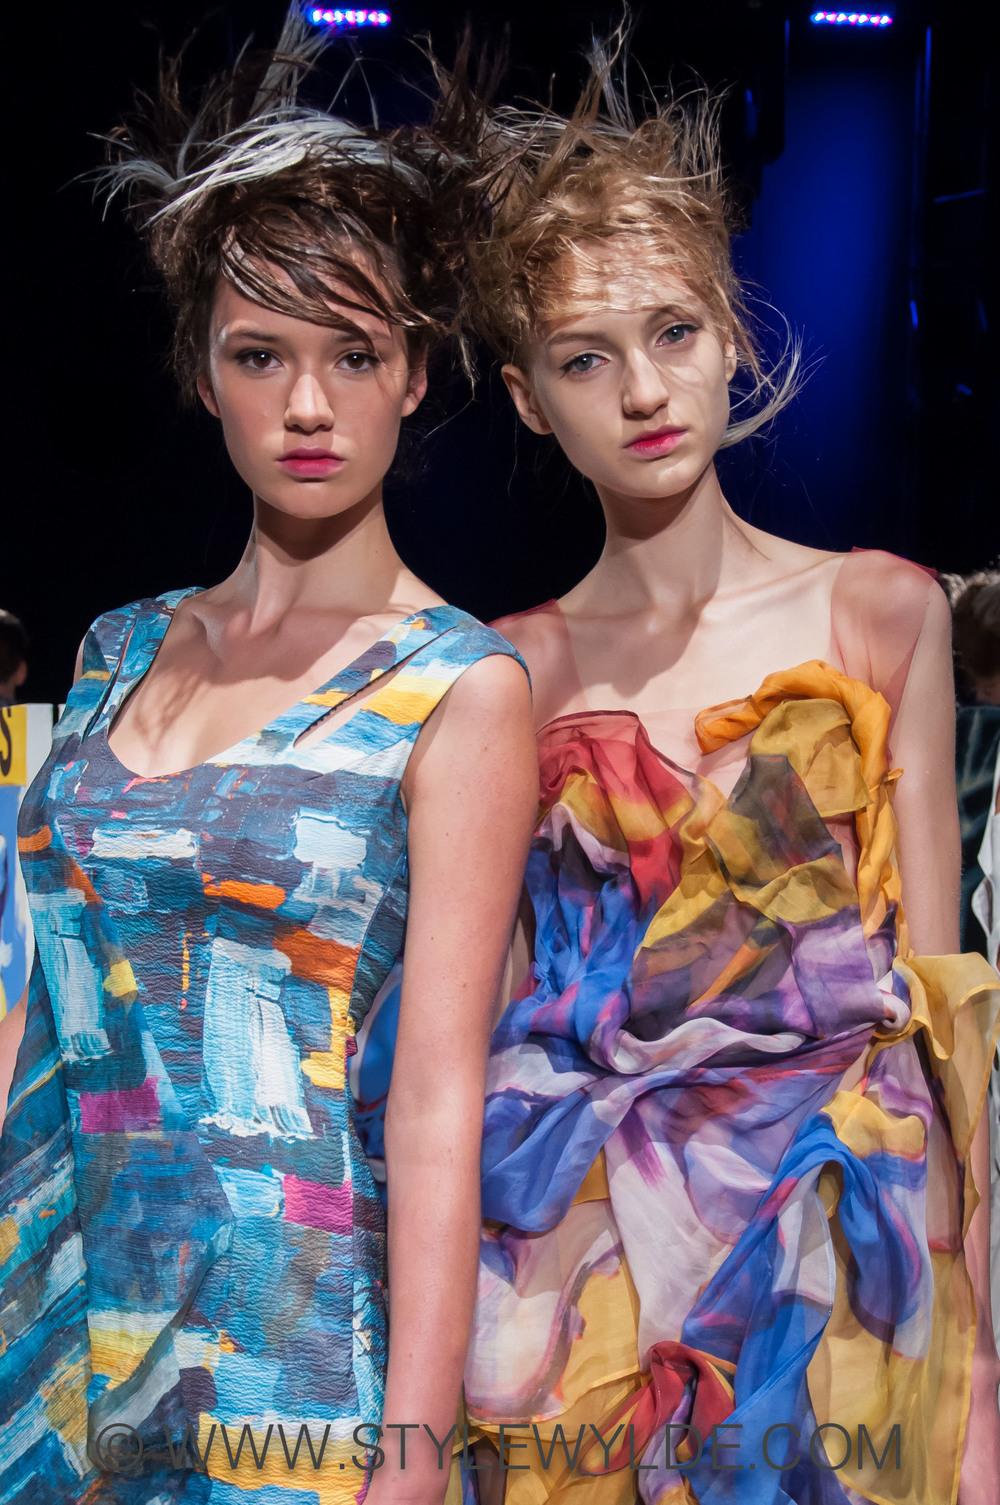 StyleWylde_Katya_PreviewStorySS15 (7 of 10).jpg